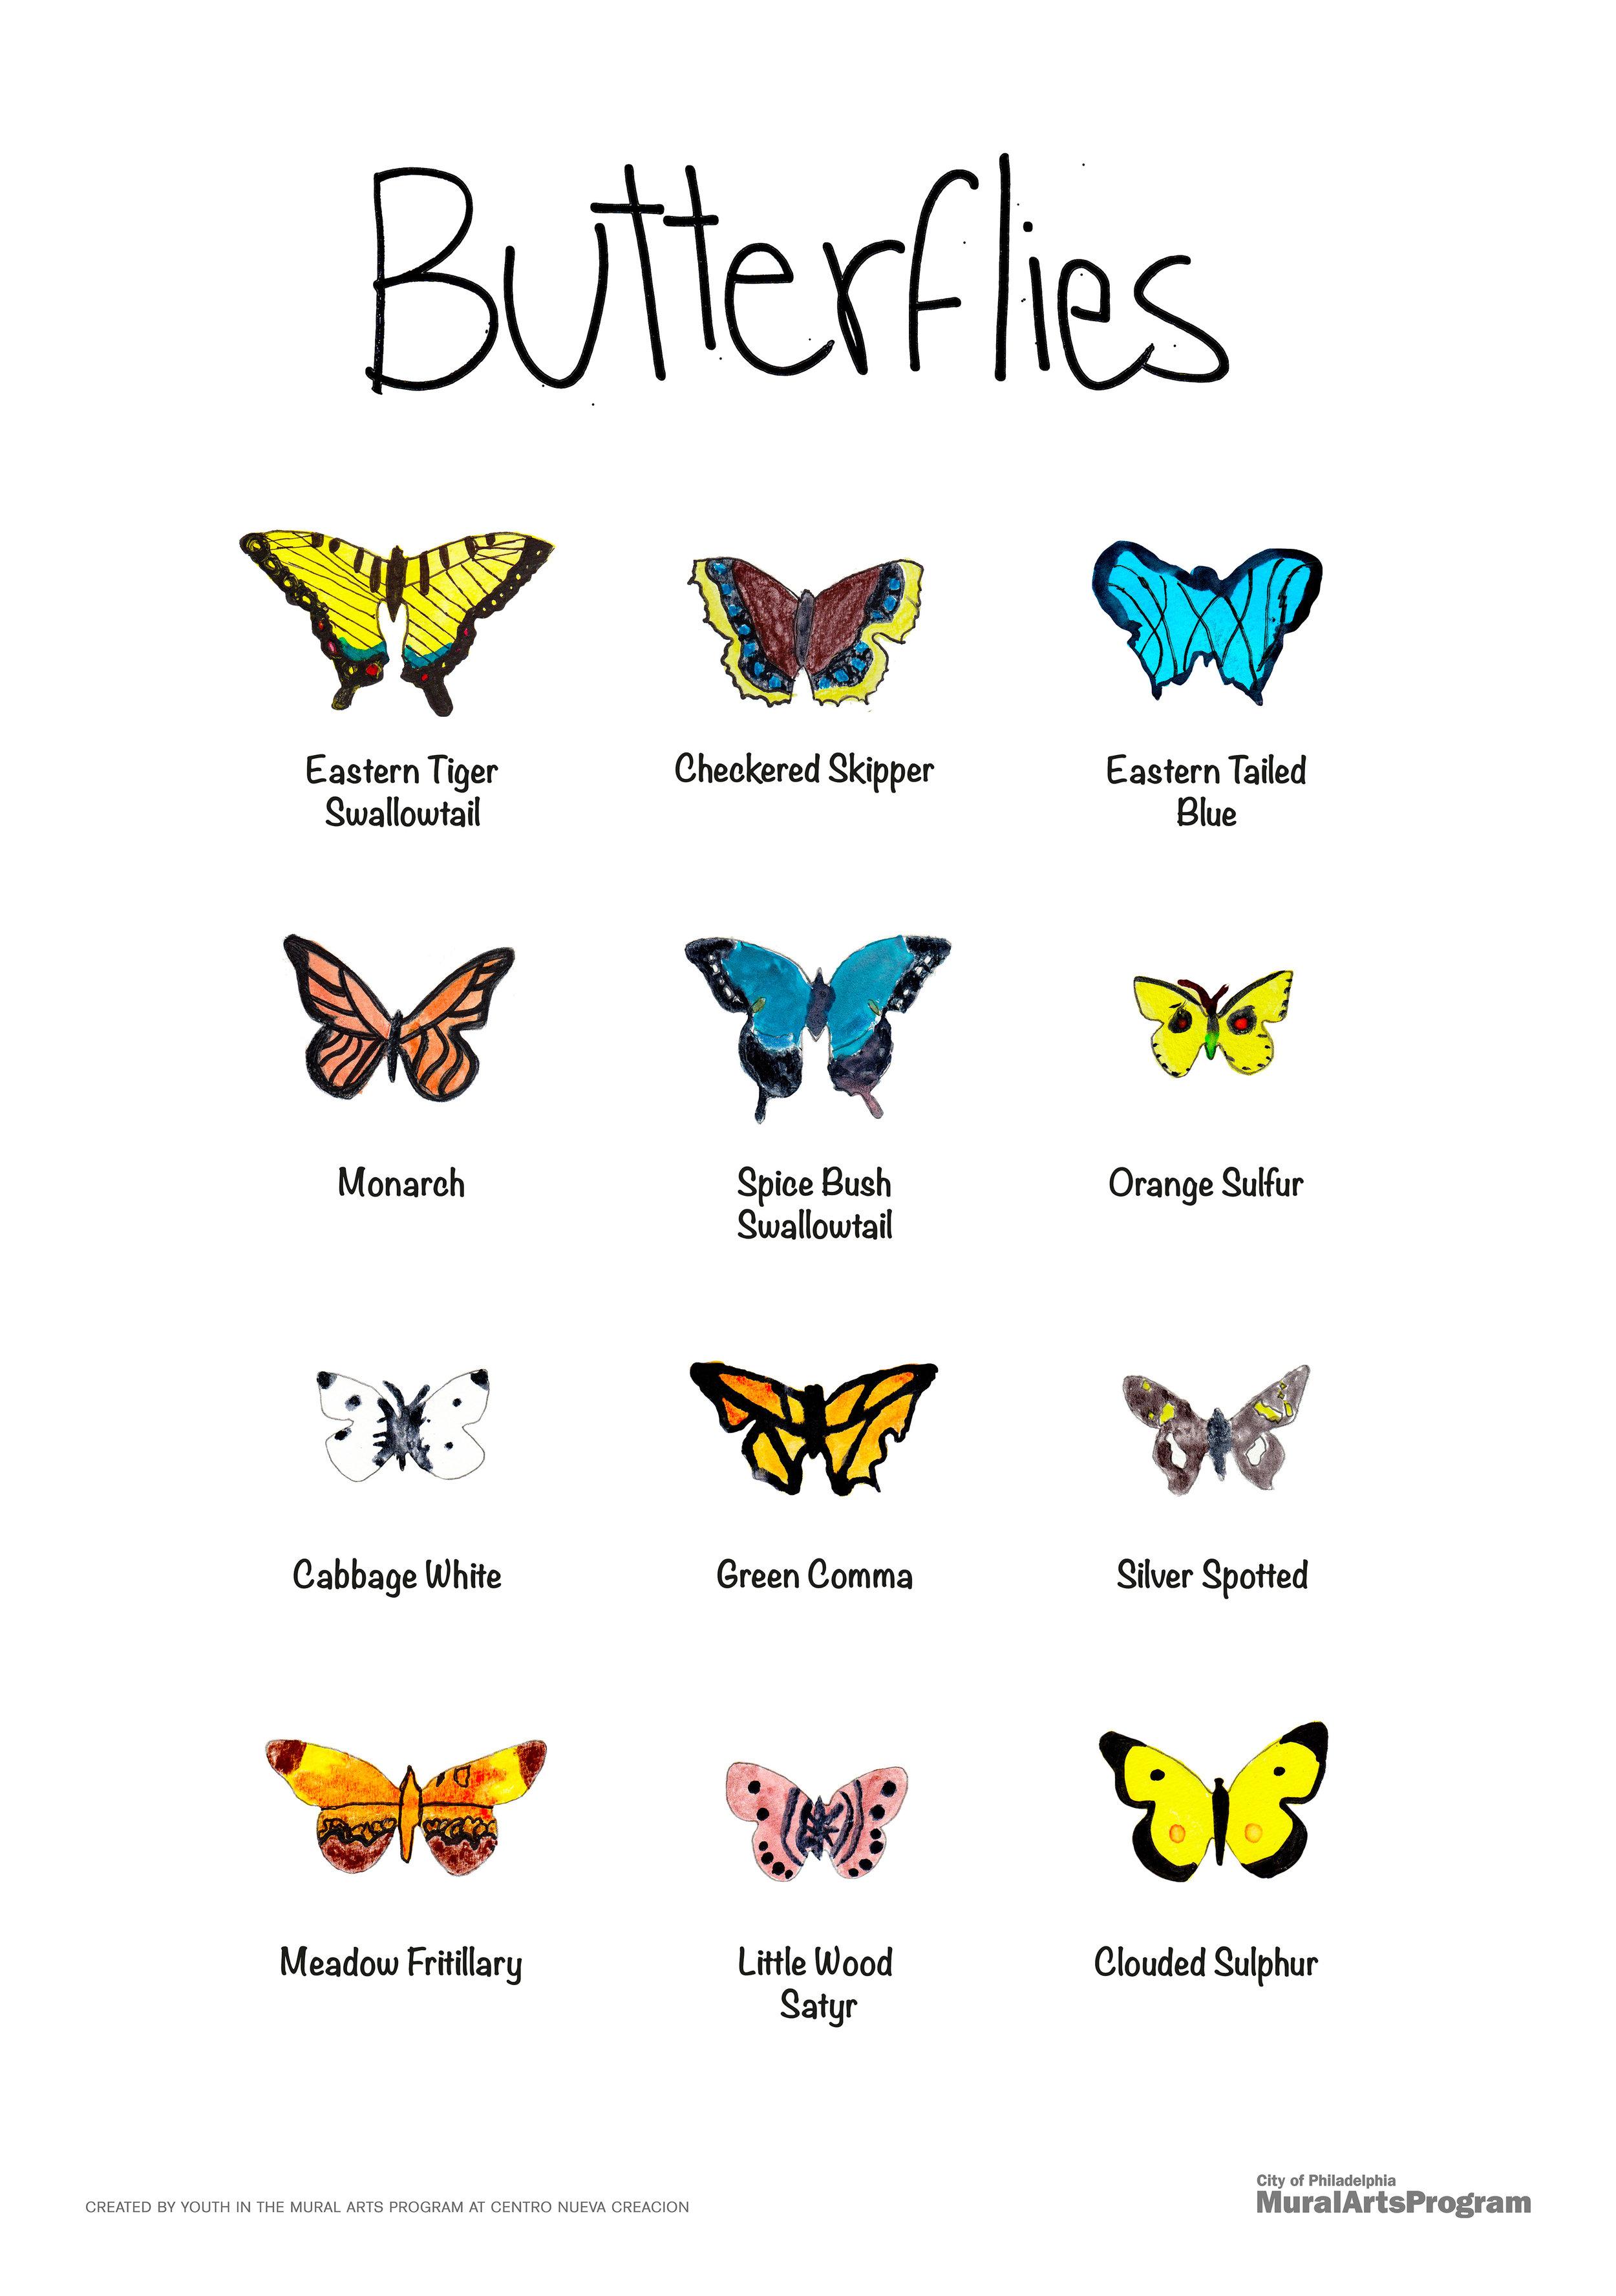 Butterflies_poster_11x17.jpg